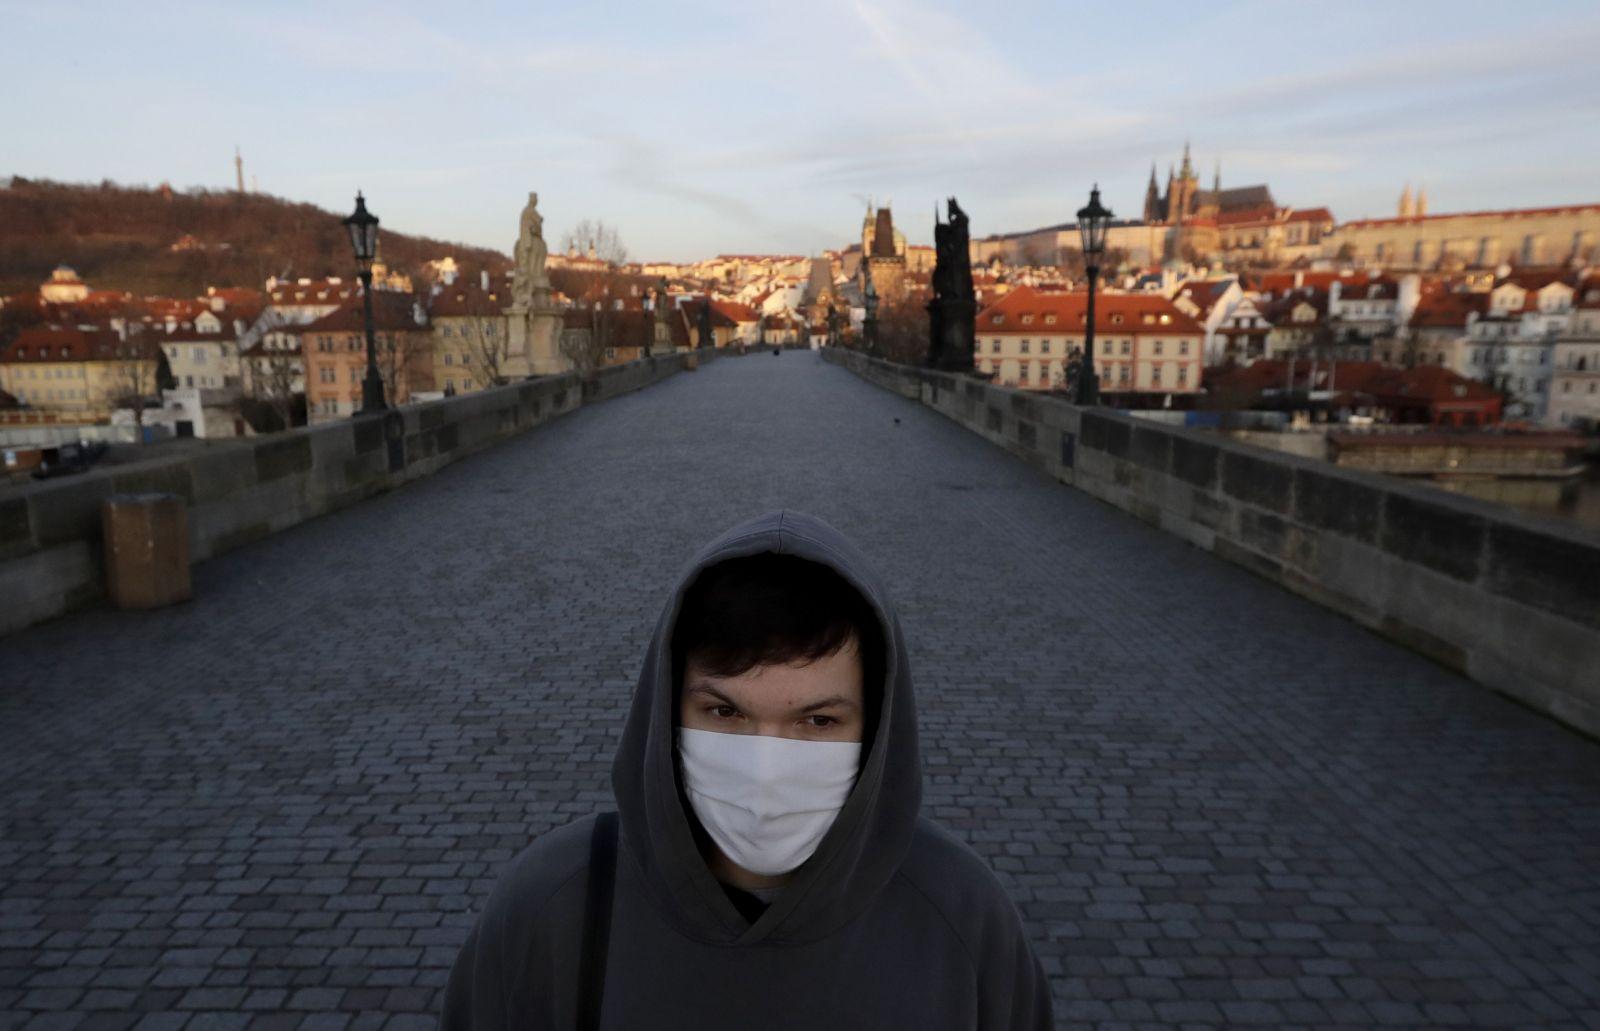 Praha, Moskva aj Londýn sa zmenili na ľudoprázdno. Sleduj, ako koronavírus vyprázdnil svetové destinácie